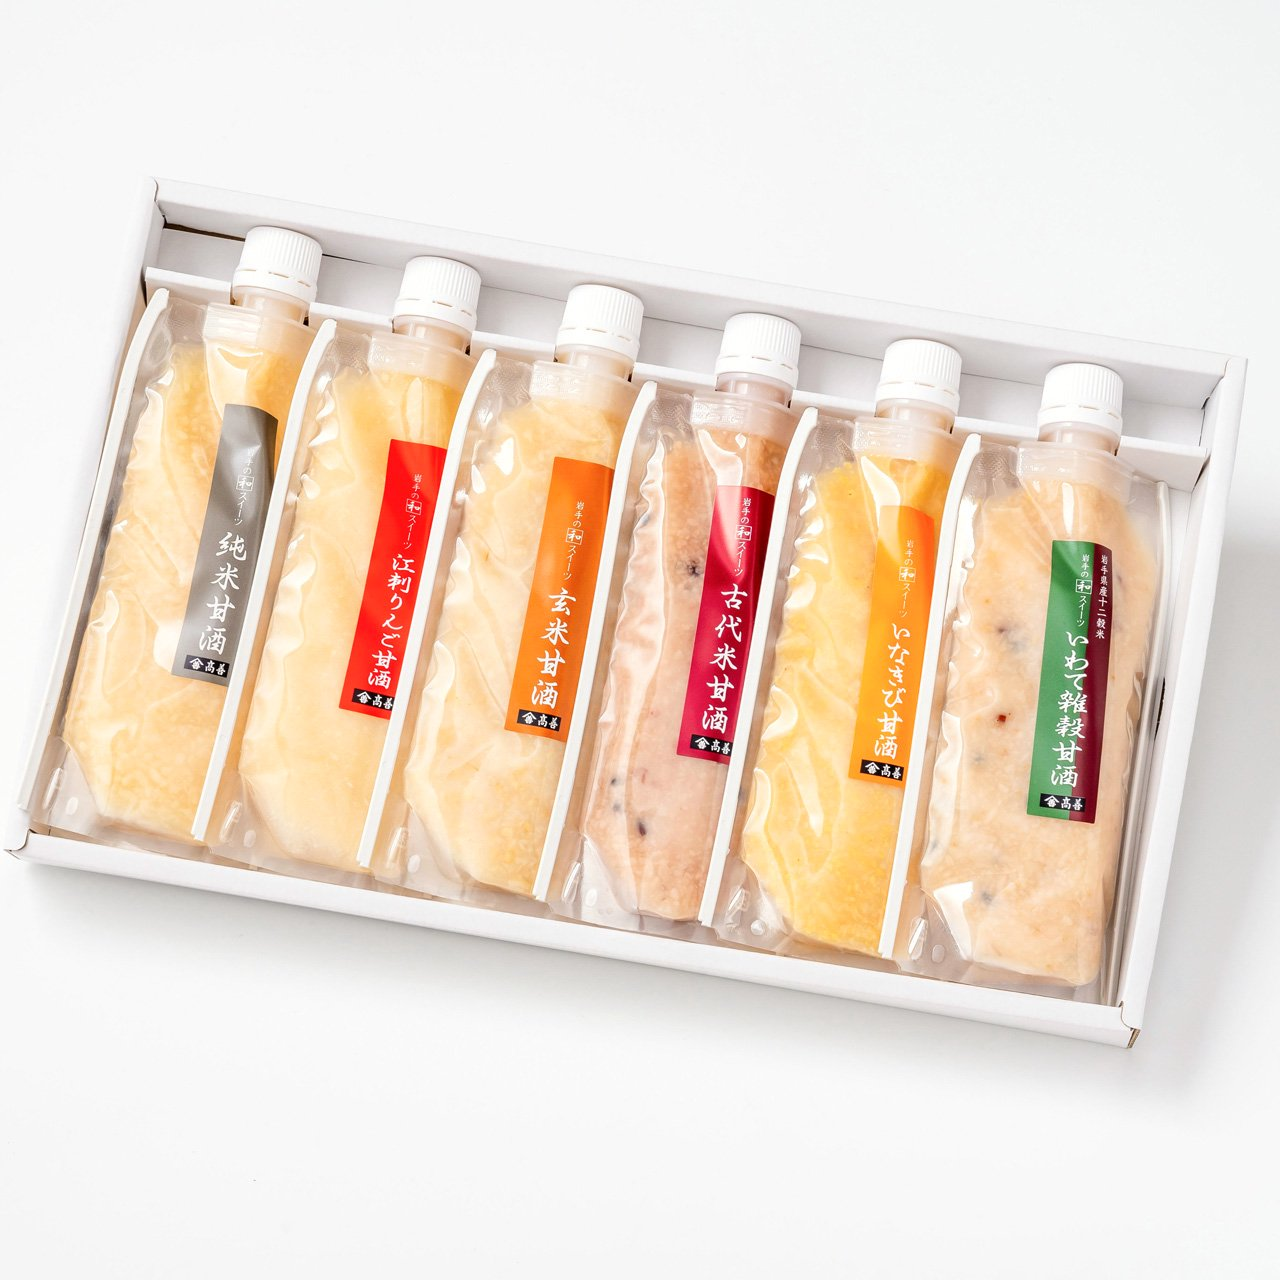 麹屋さんの甘酒6種類セット